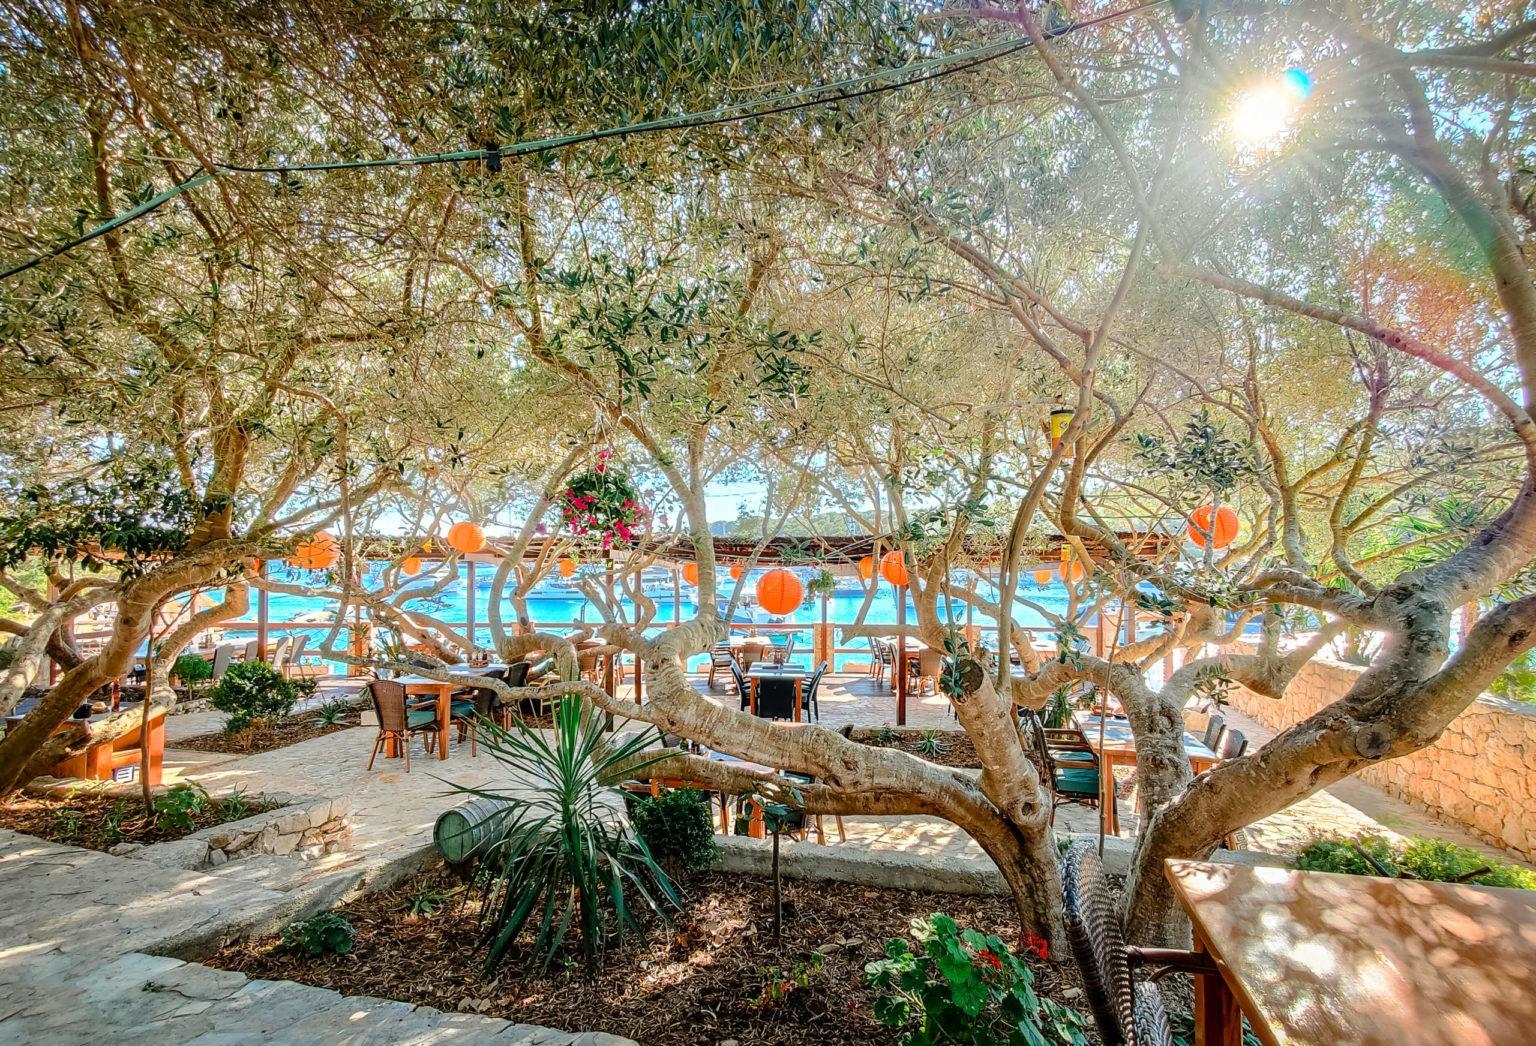 hochzeitslocation Koratien location hochzeit heiraten 1 scaled - Sunny Beachclub